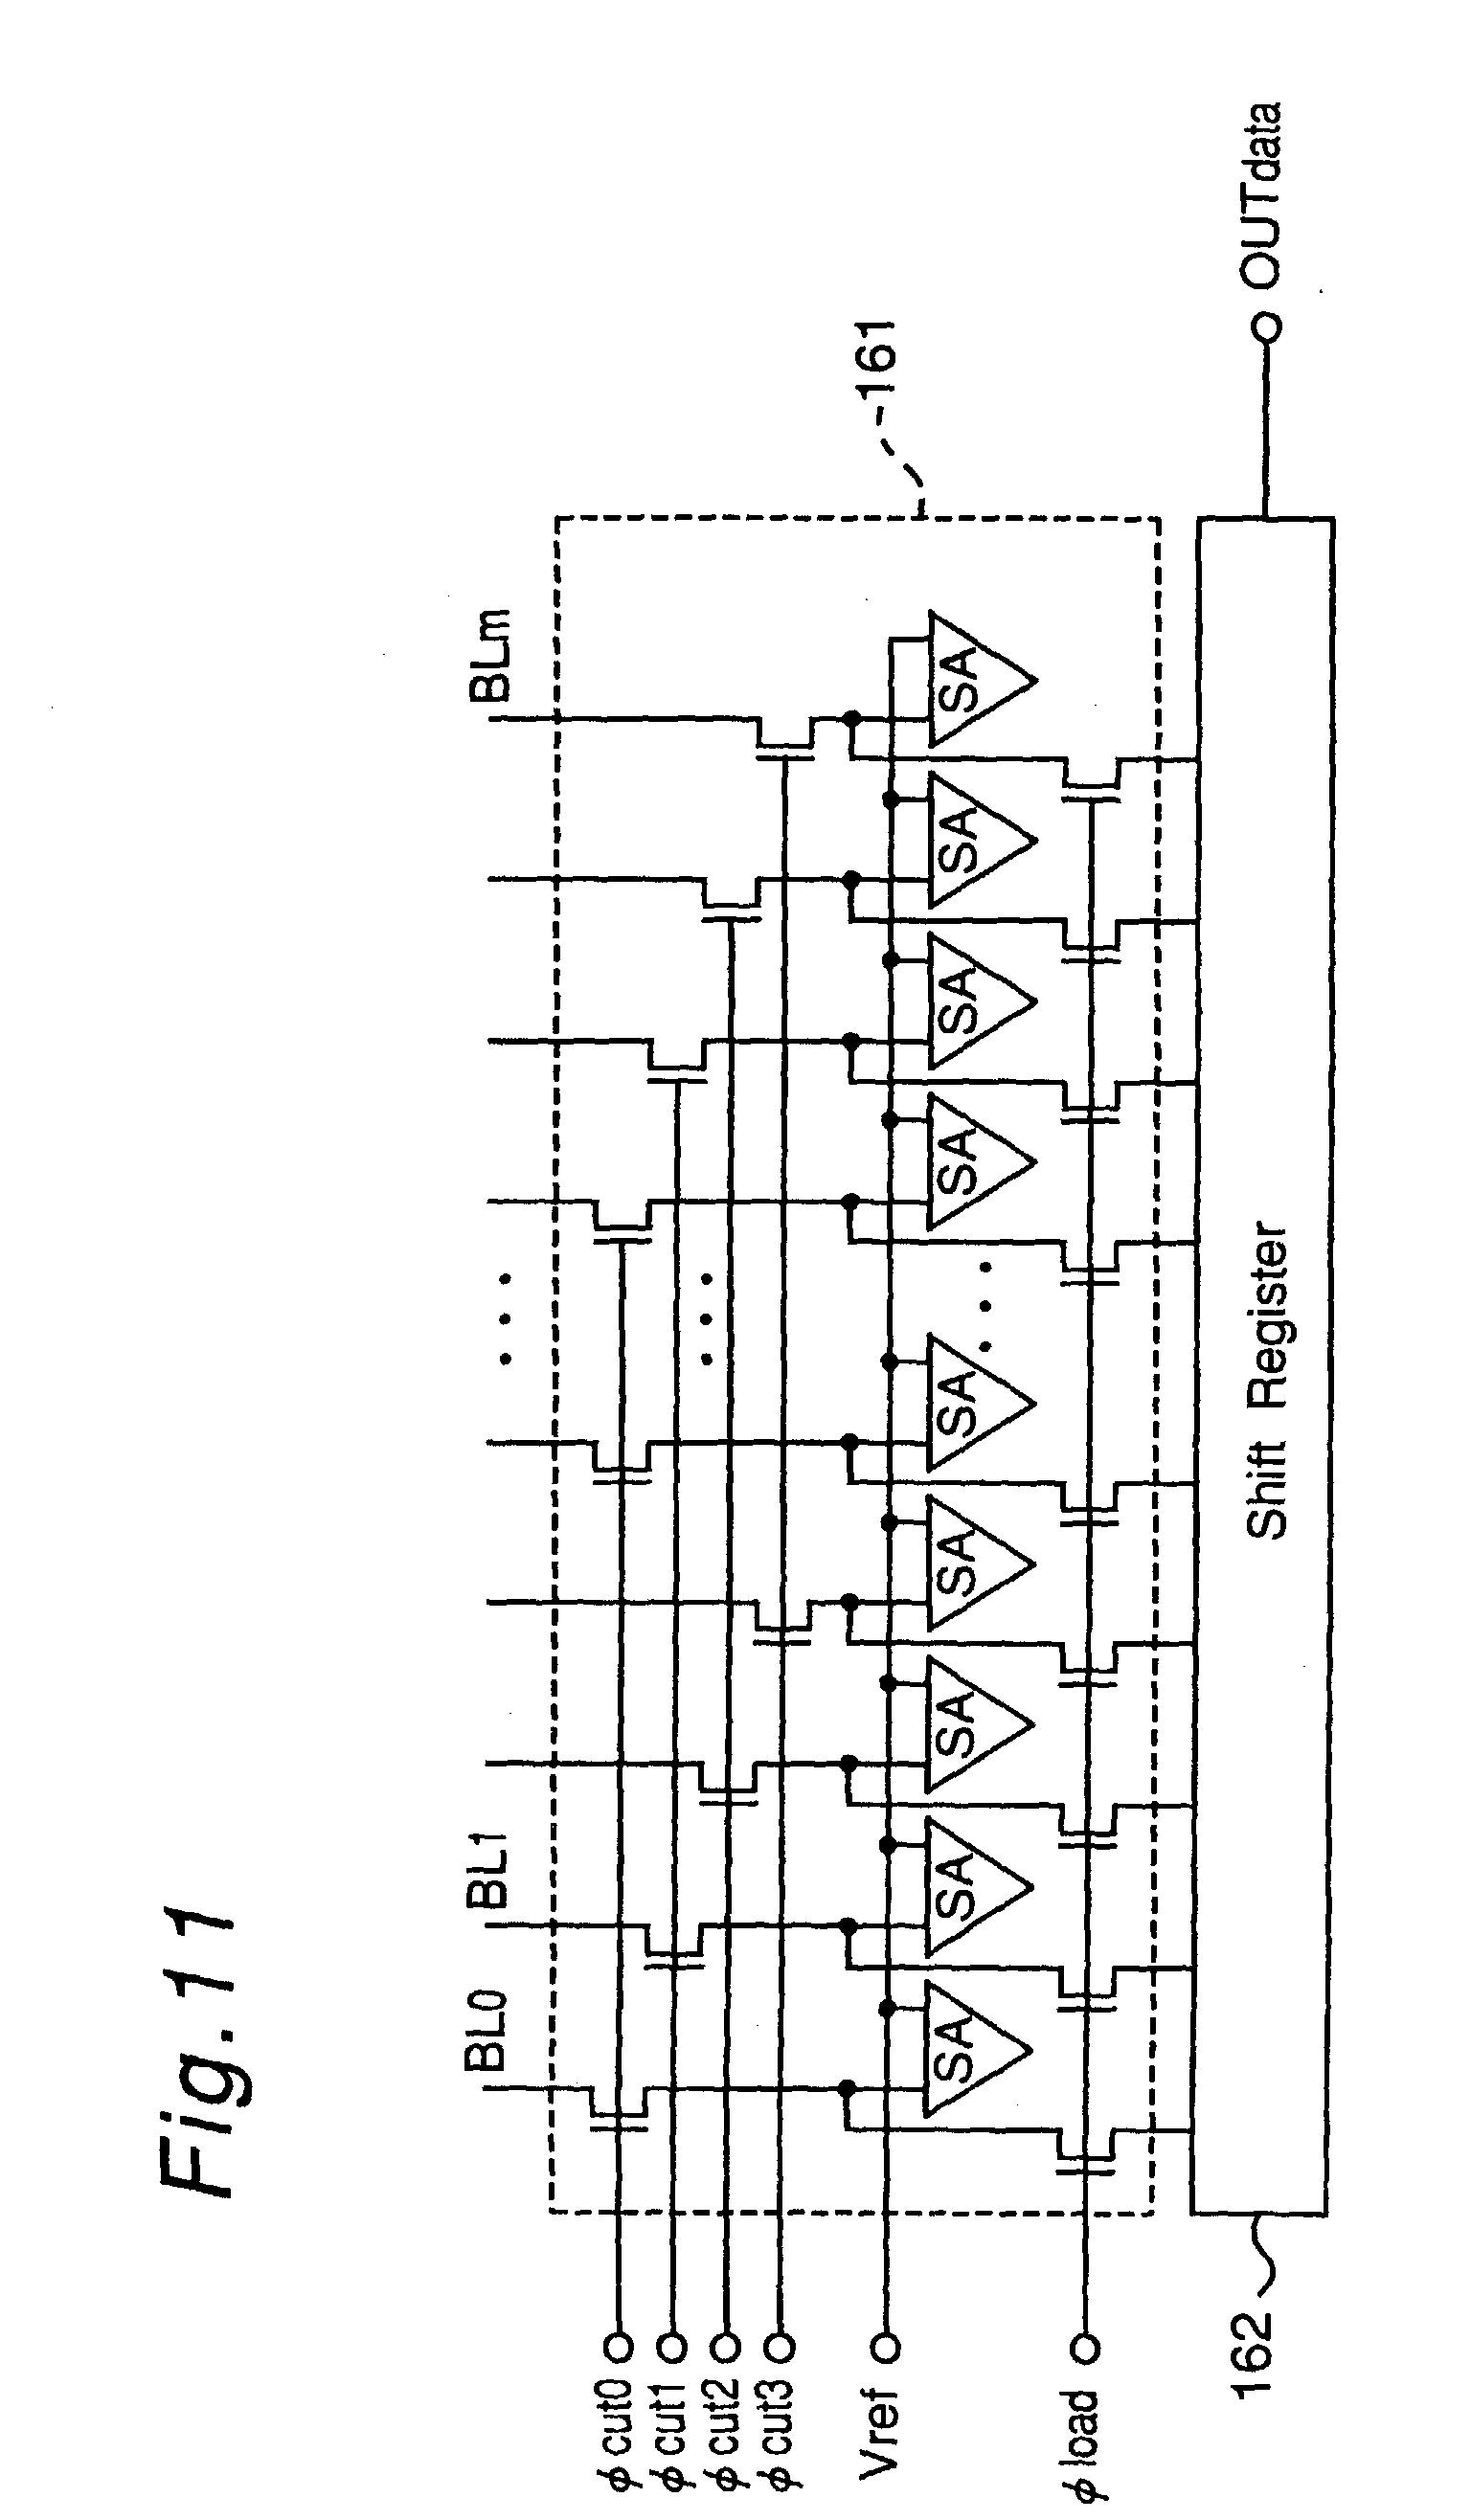 专利ep0862184a2 - semiconductor